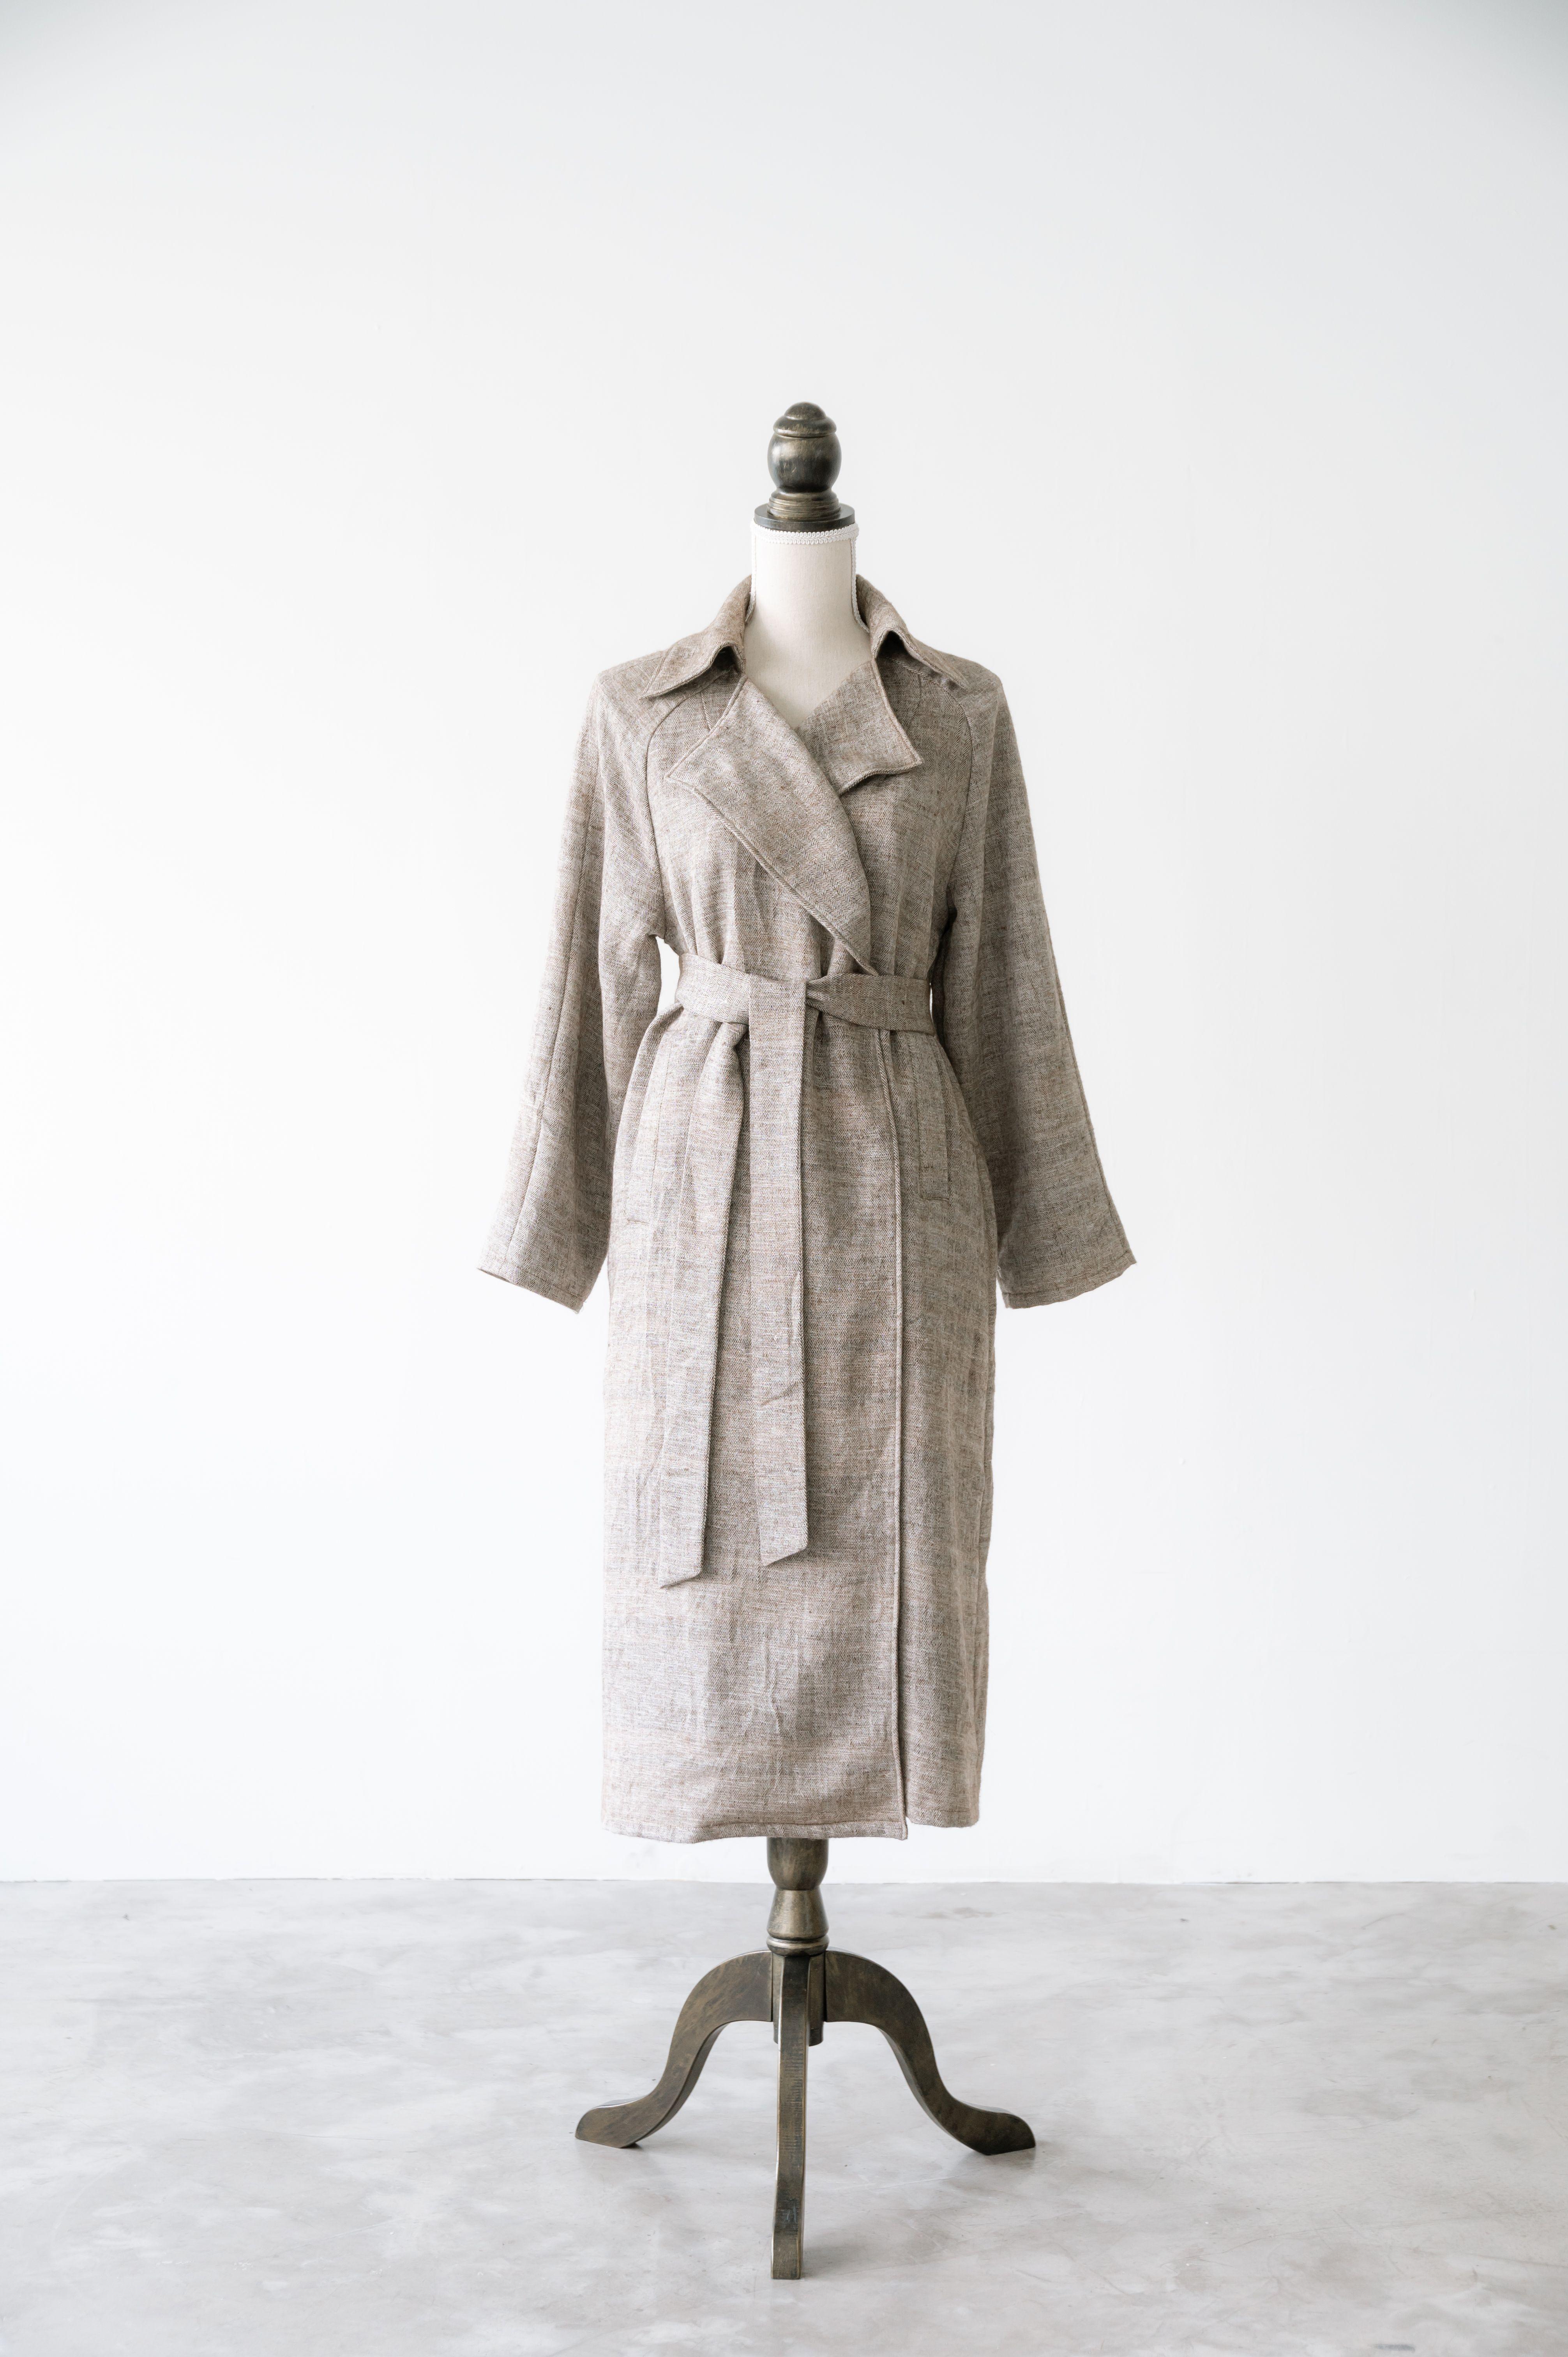 ヒマラヤの伝統技術を現代へ/ Himalayan Textile